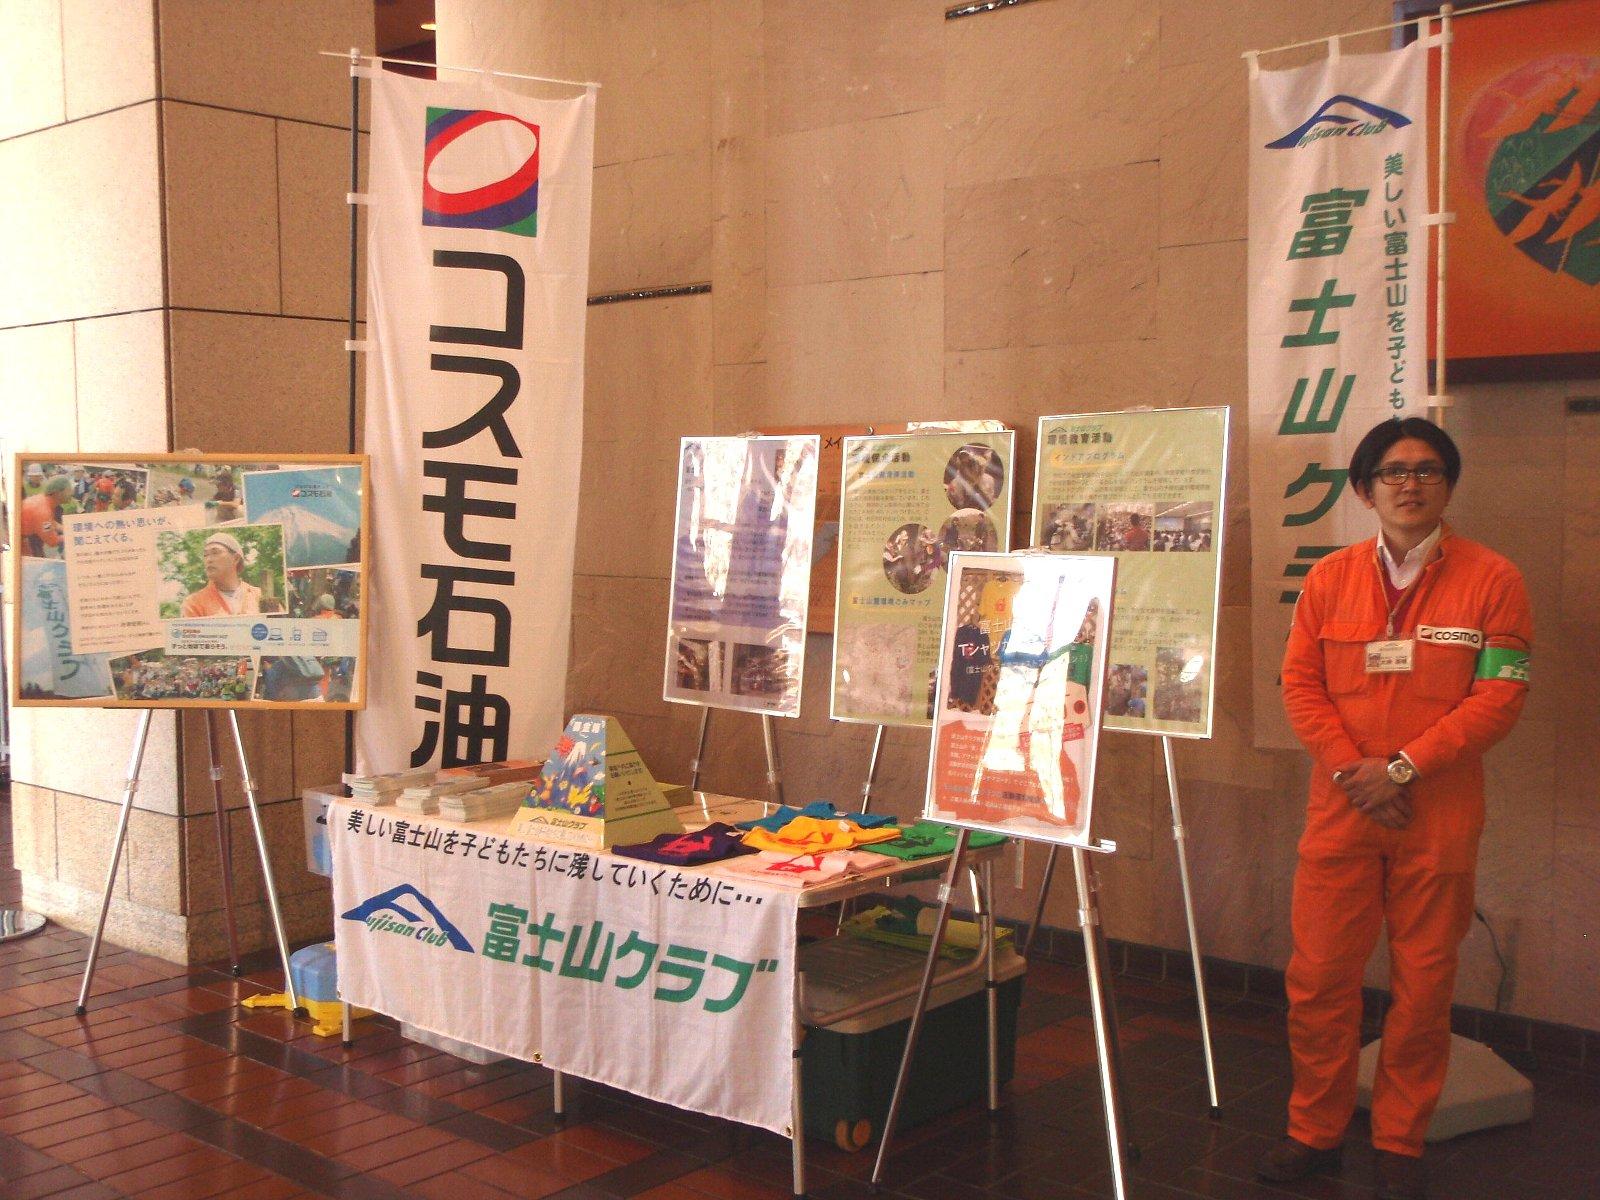 コスモ アースコンシャス アクト 野口健 講演会 in 栃木 に参加してきました